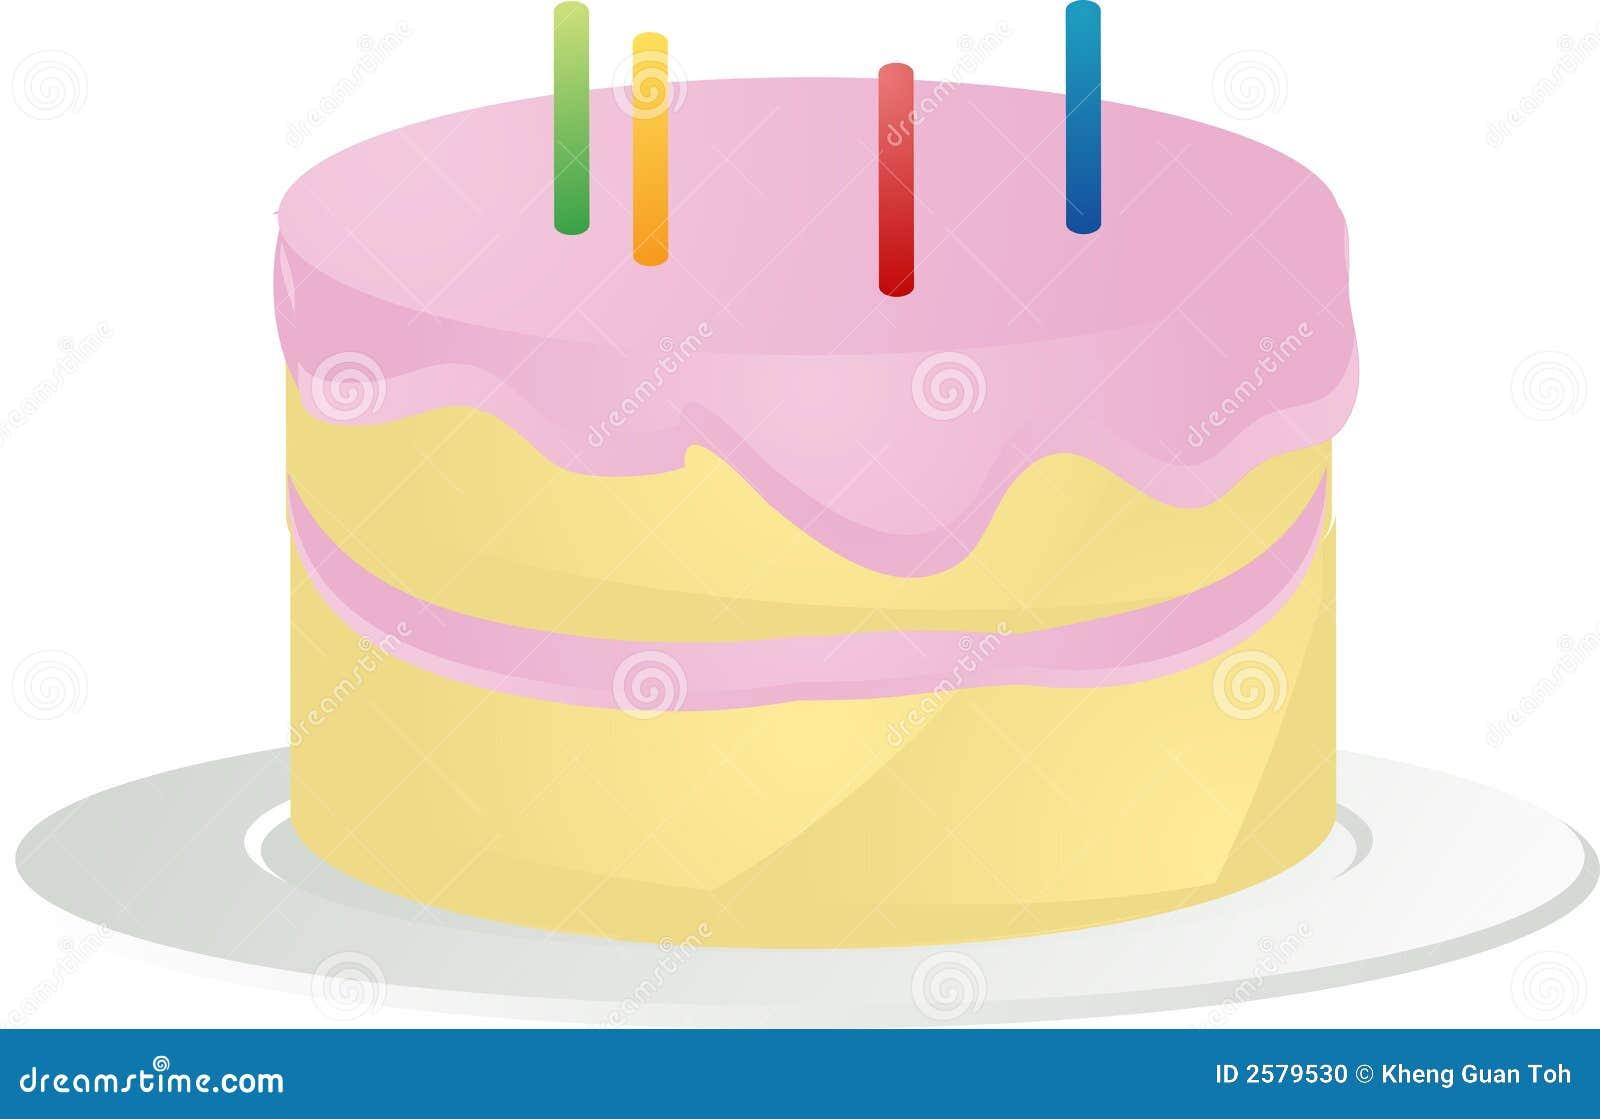 Birthday Cake Illustration Stock Photo - Image: 2579530